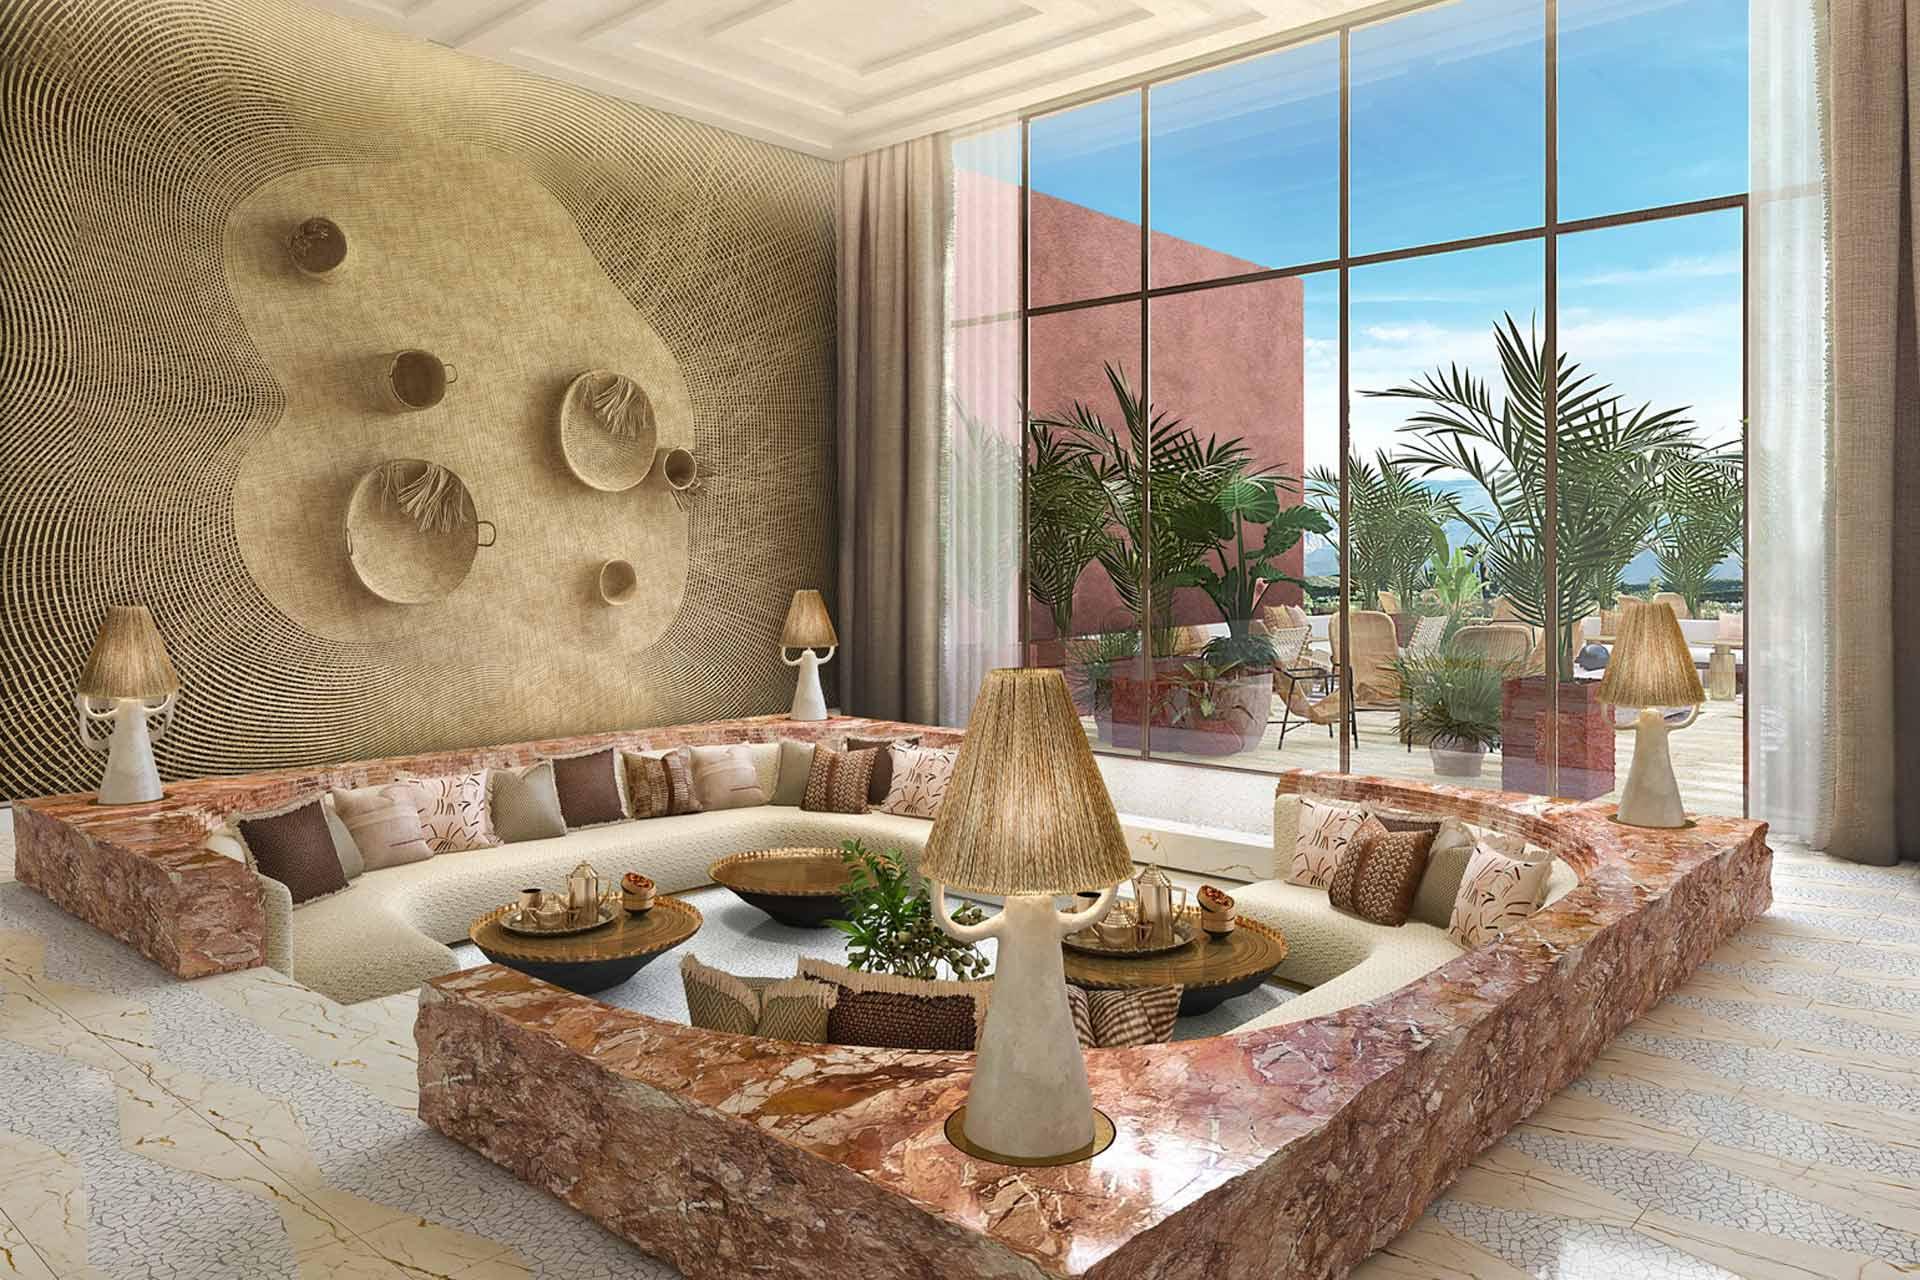 A rendering of St Regis Marrakech in Morocco